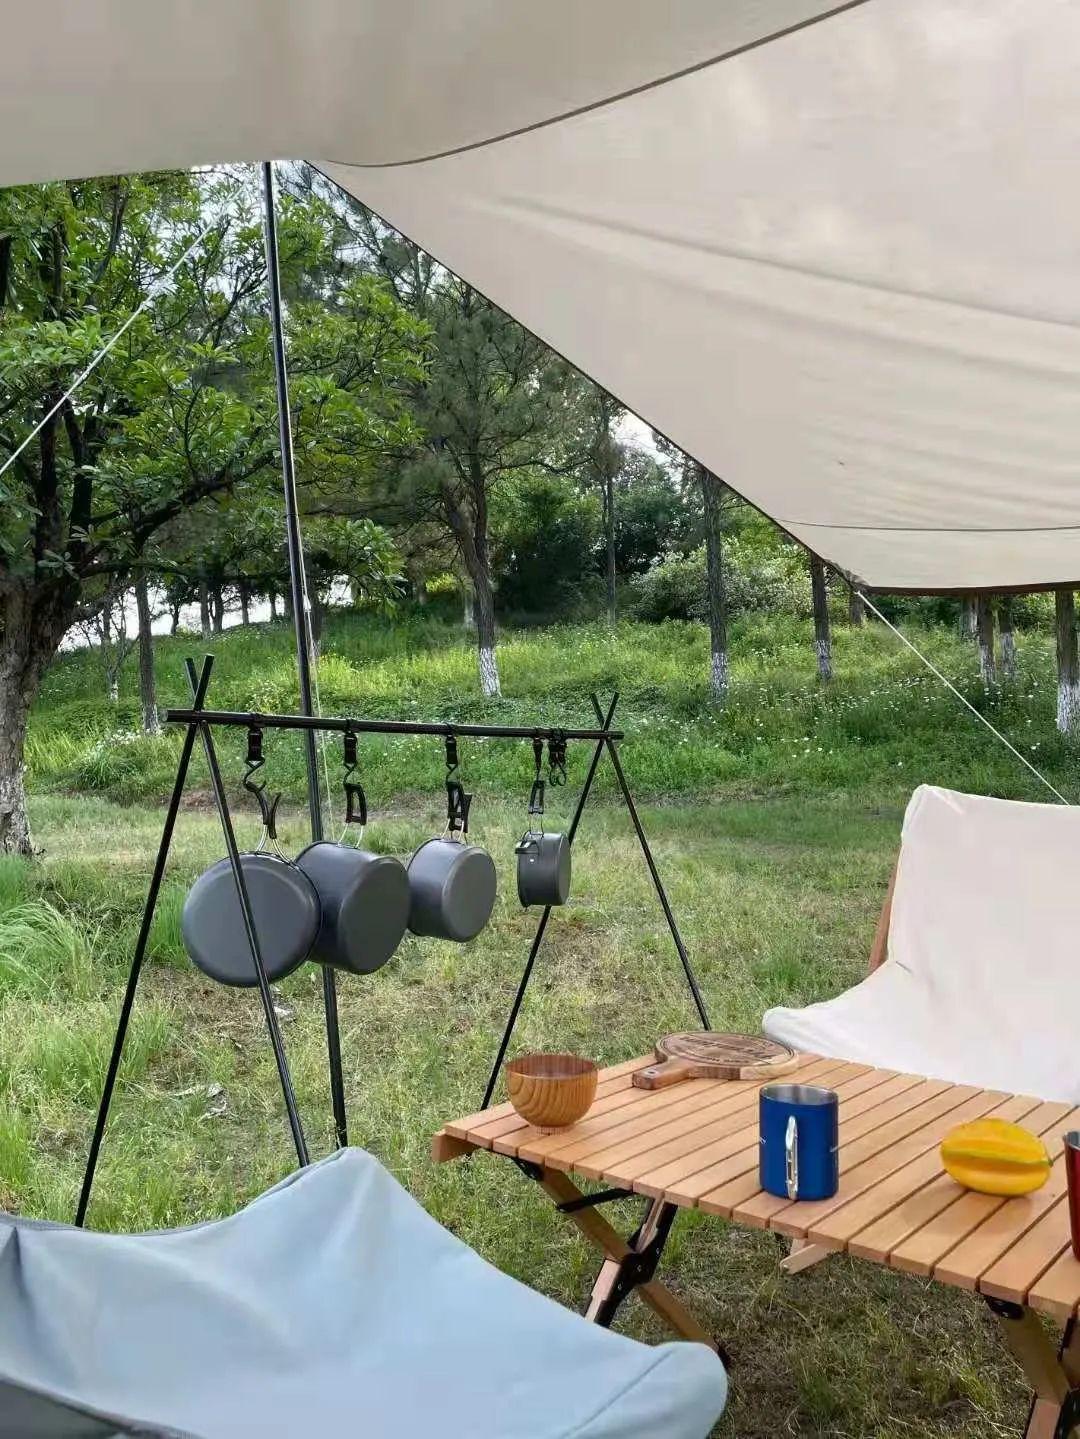 万元买顶帐篷露营,一边吐槽一边真香